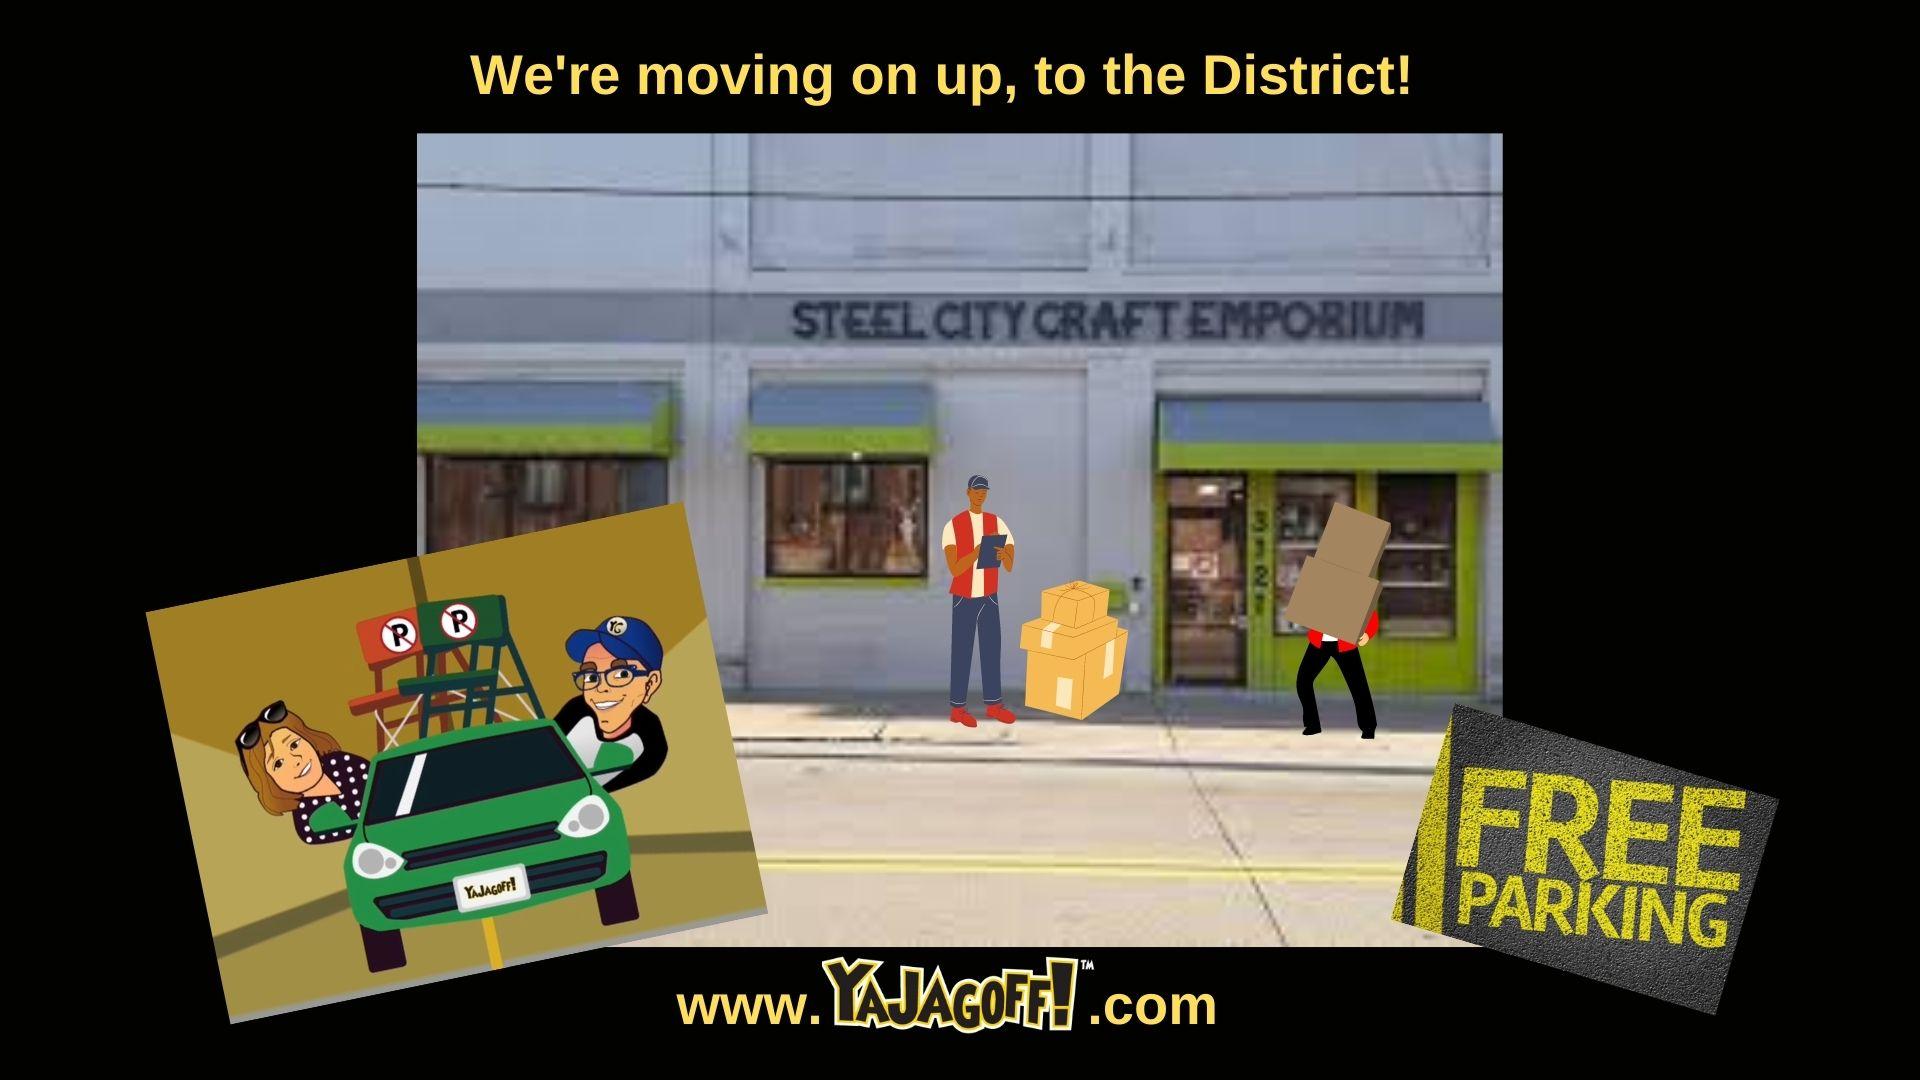 Y*aJagoff and Steel City Craft Emporium